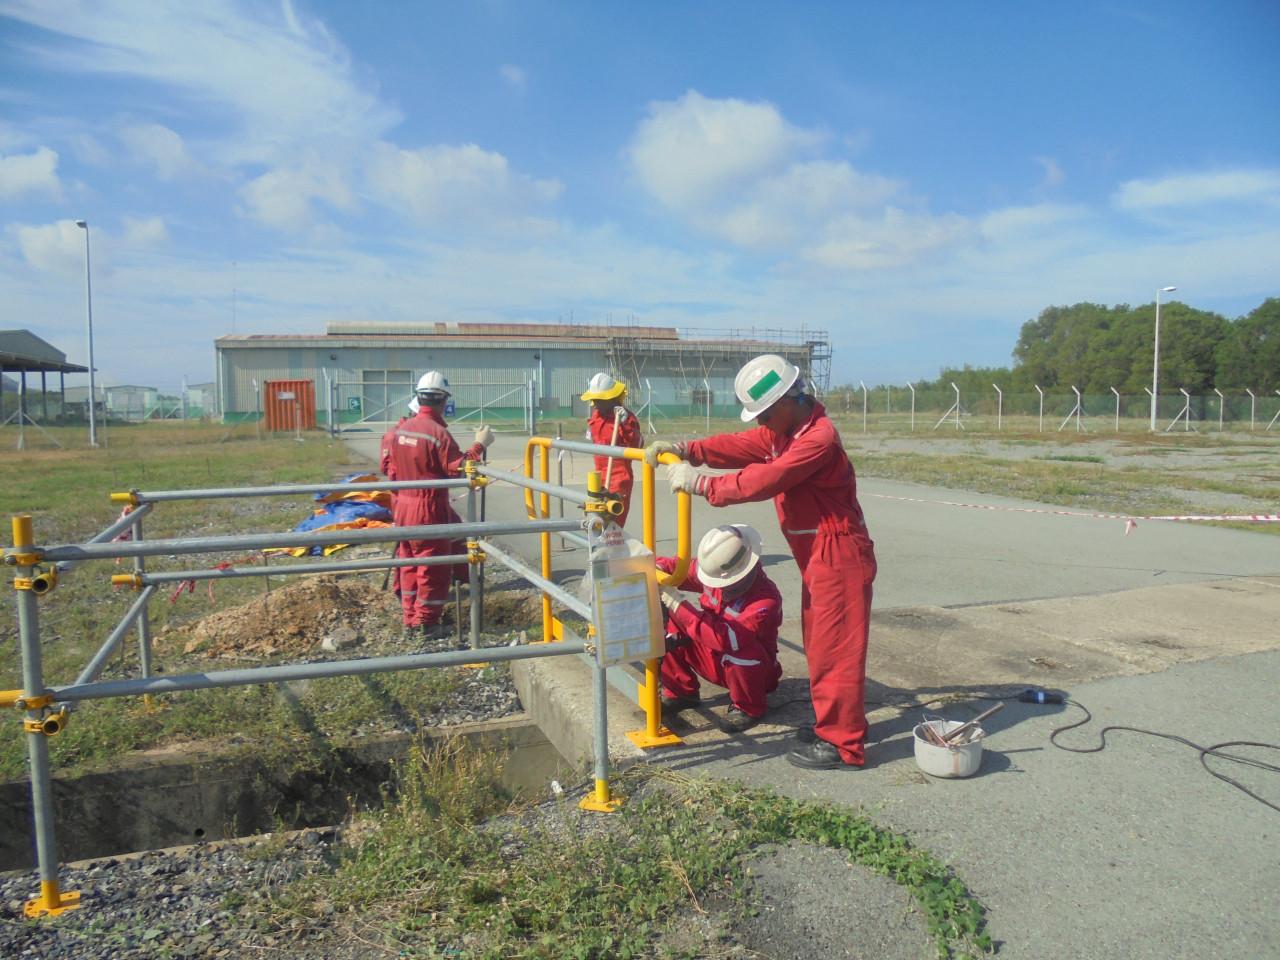 Chế tạo lắp đặt nhà xưởng, lan can, sửa chữa hàng rào tại Nam Côn Sơn Pipeline